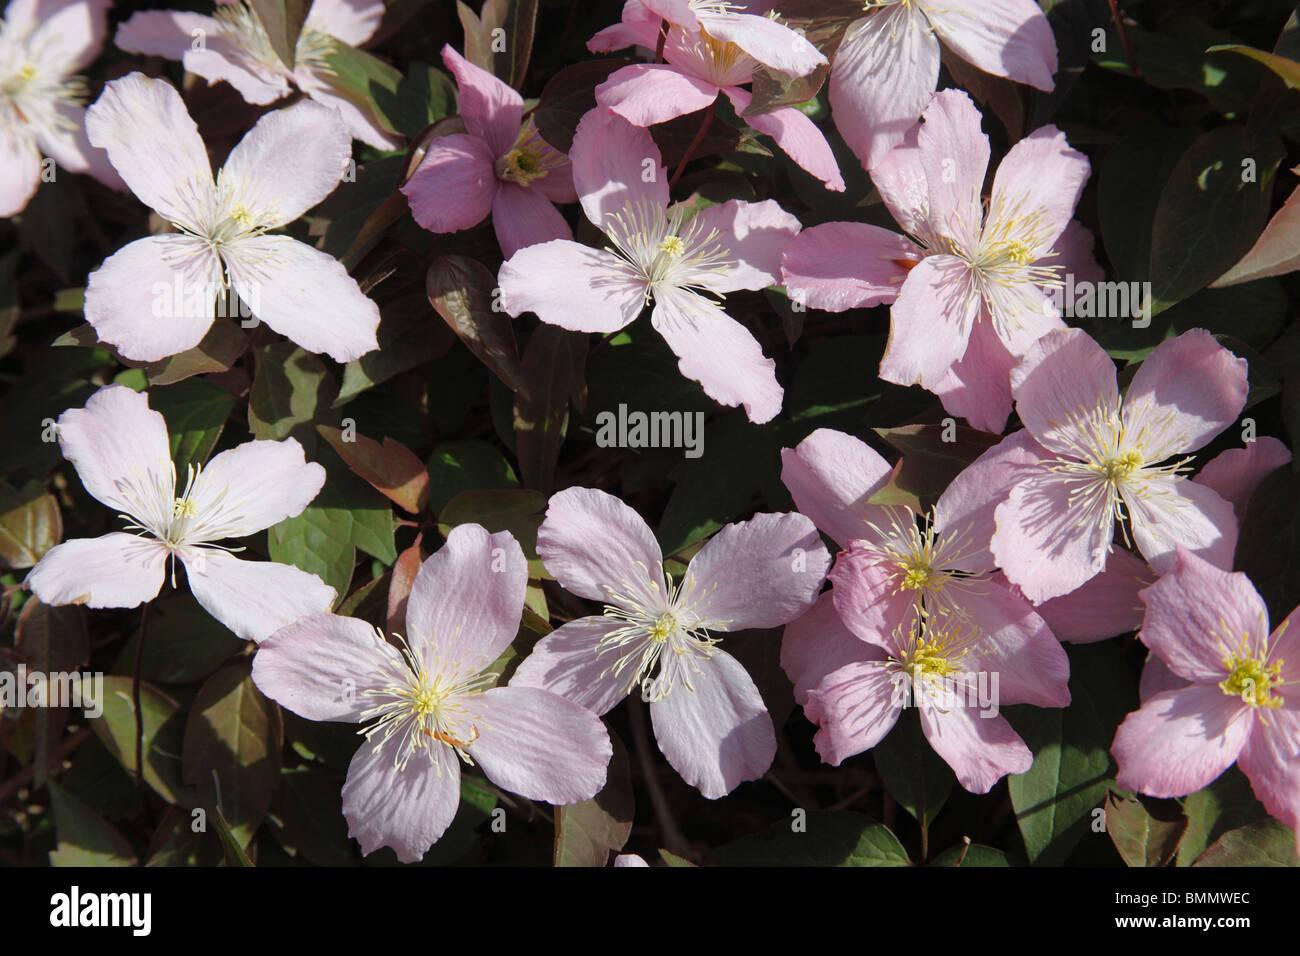 Clematis Rosa perfección planta en flor Imagen De Stock